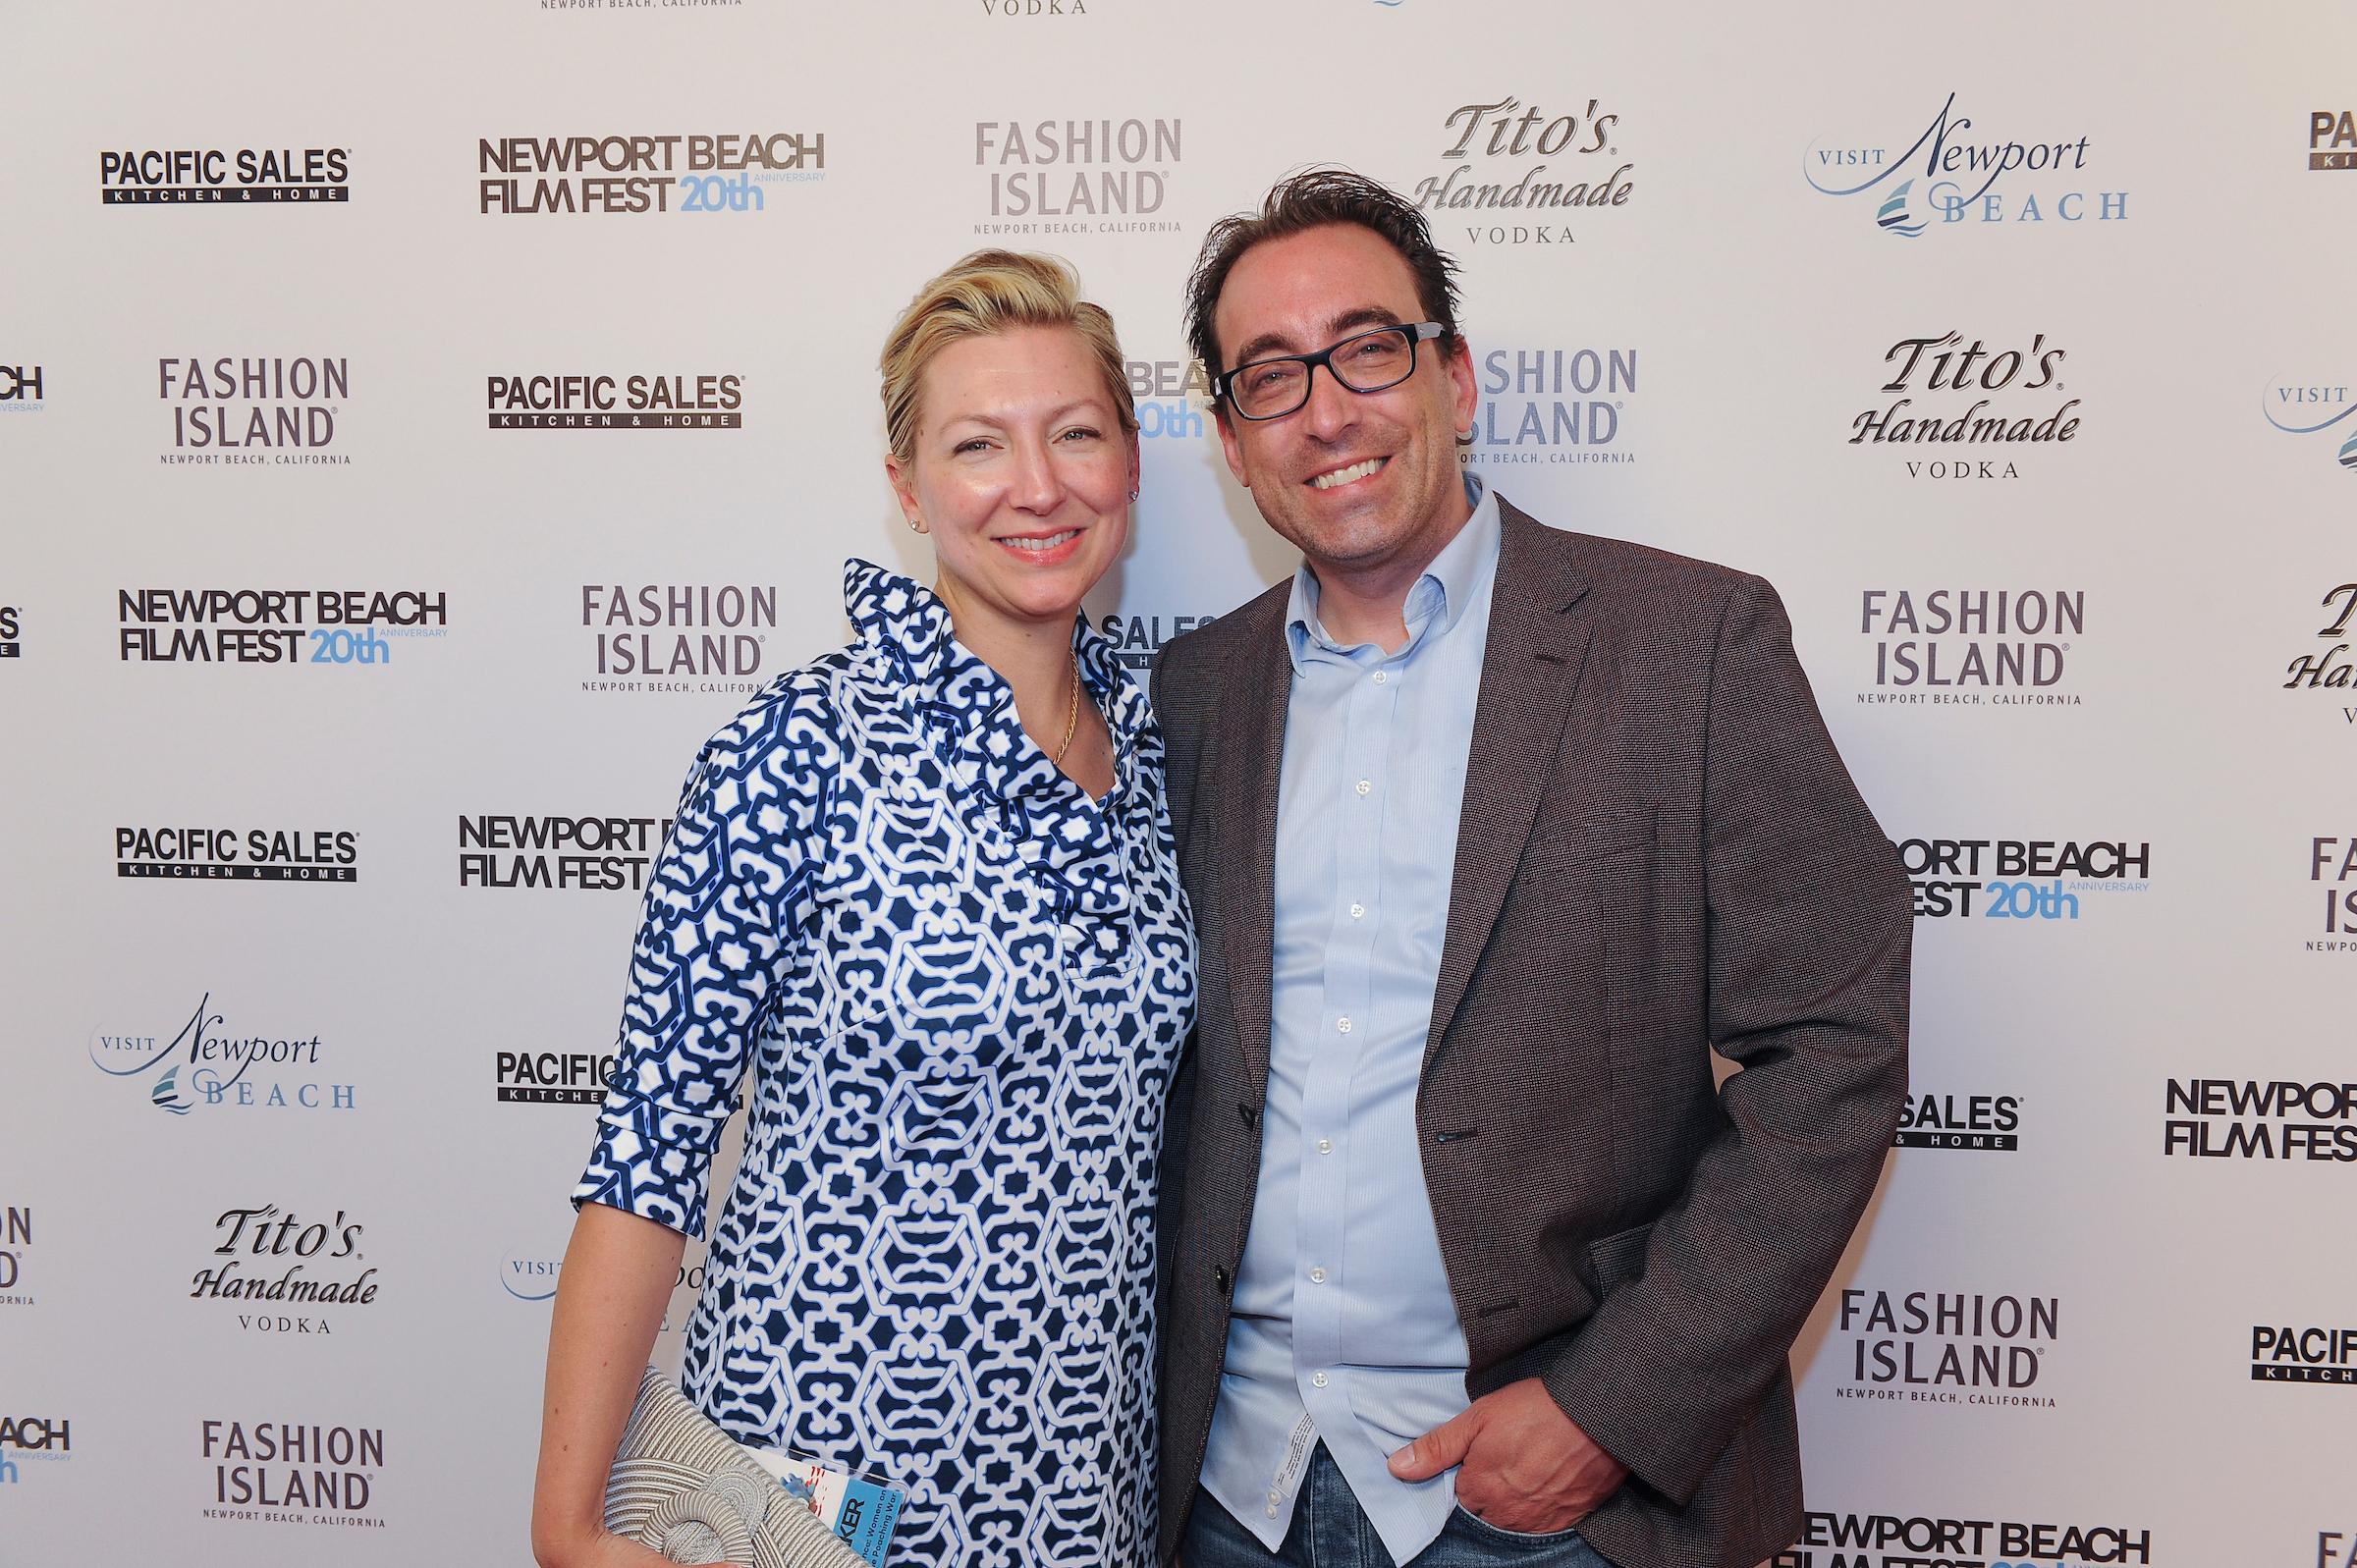 Co-Executive Producer, Margo Ten Eyck with Executive Producer, Keith Watson